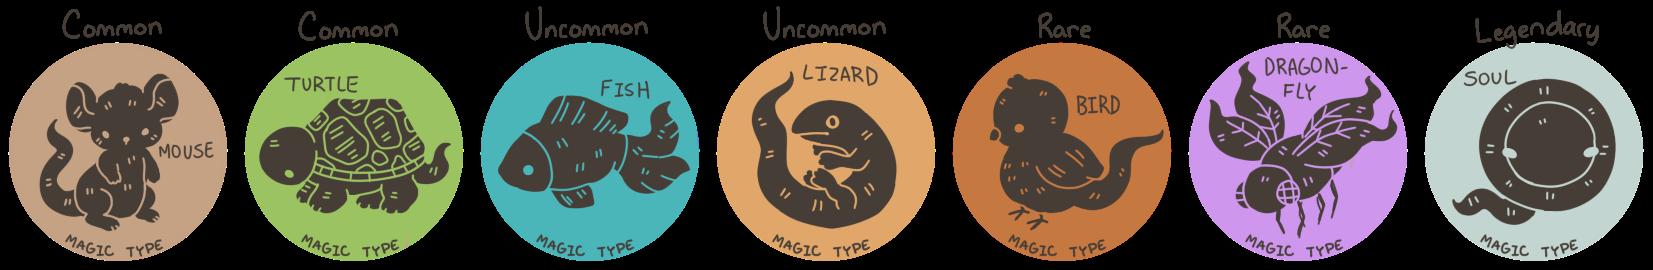 Mibuki Magic Types by Wafkie